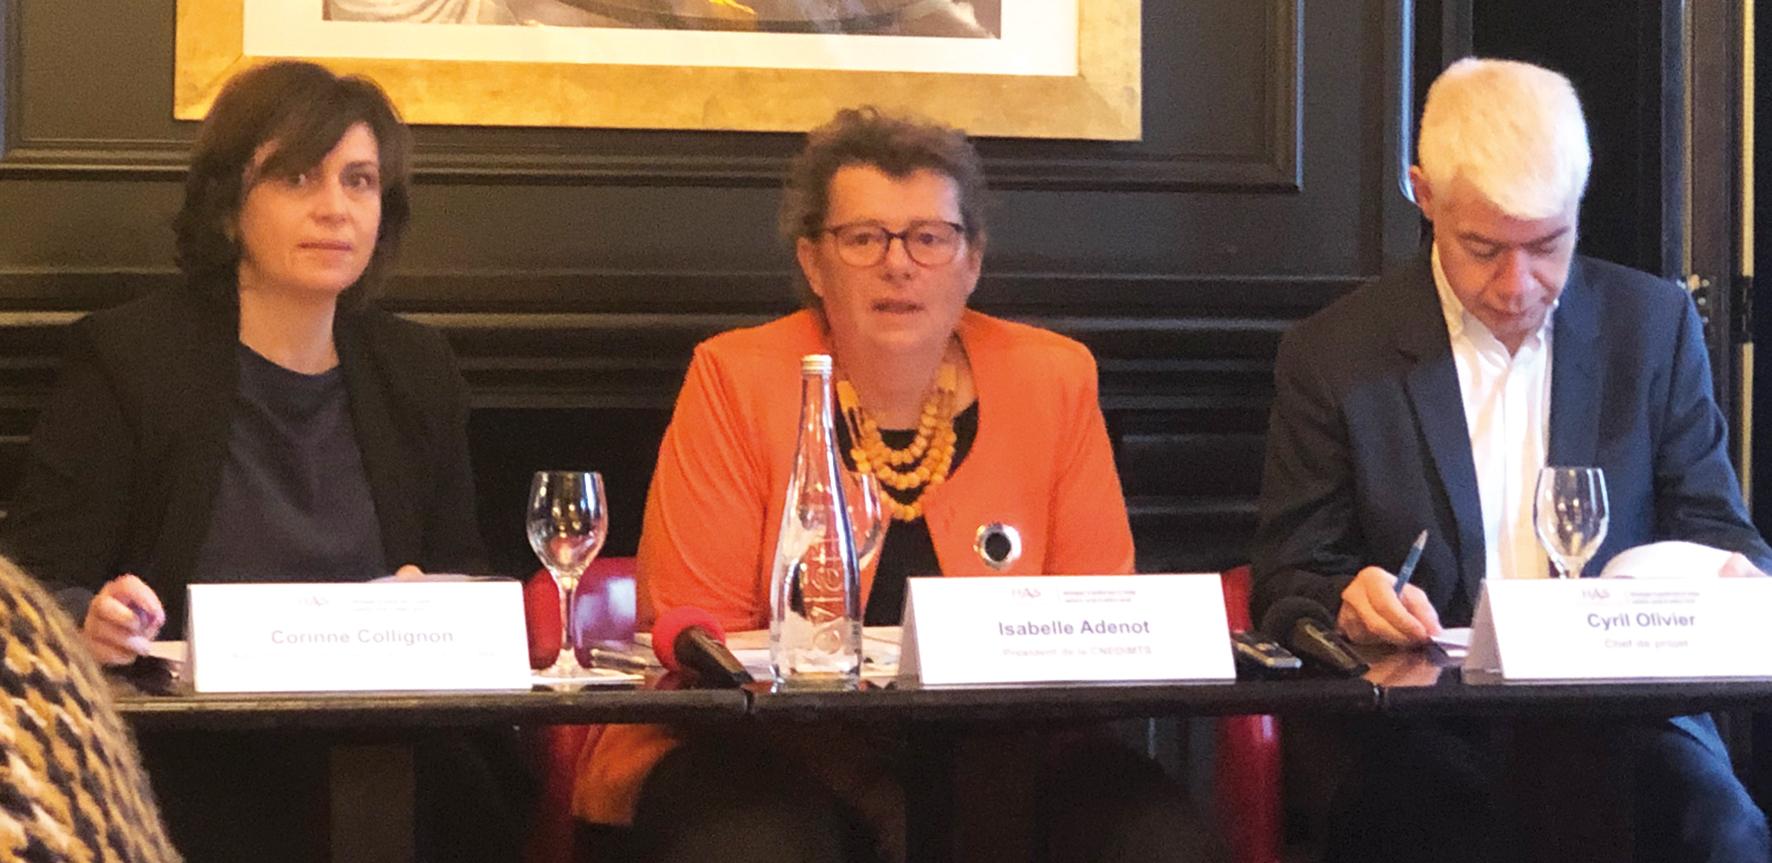 De gauche à droite : Corinne Collignon, Isabelle Adenot et Cyril Olivier